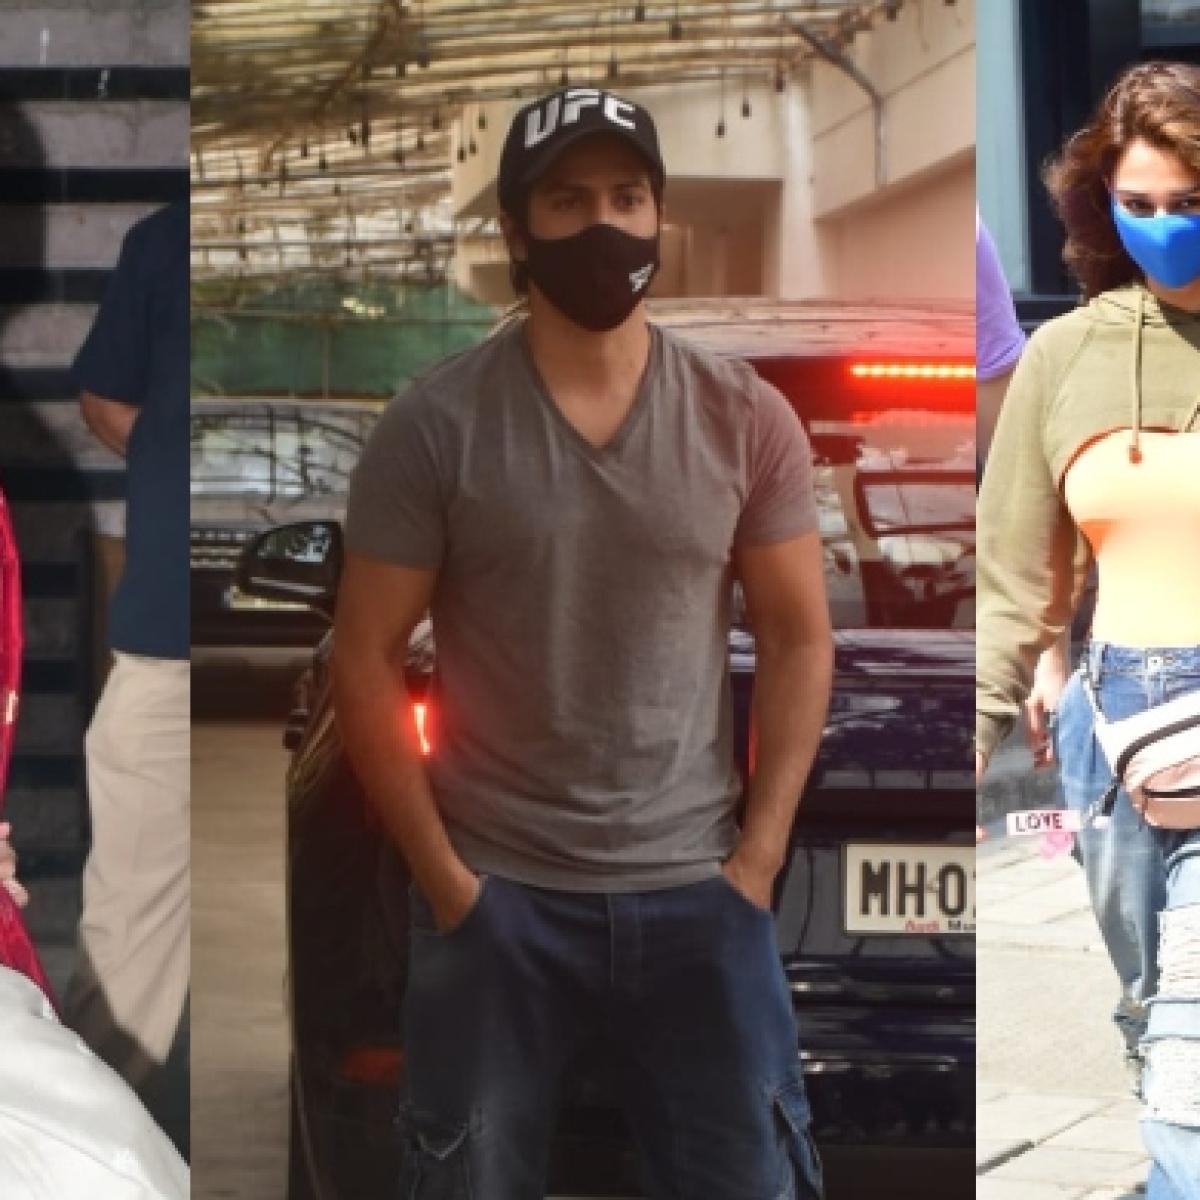 In Pics: Kareena Kapoor Khan, Disha Patani, Tiger Shroff, Varun Dhawan and others spotted in Mumbai